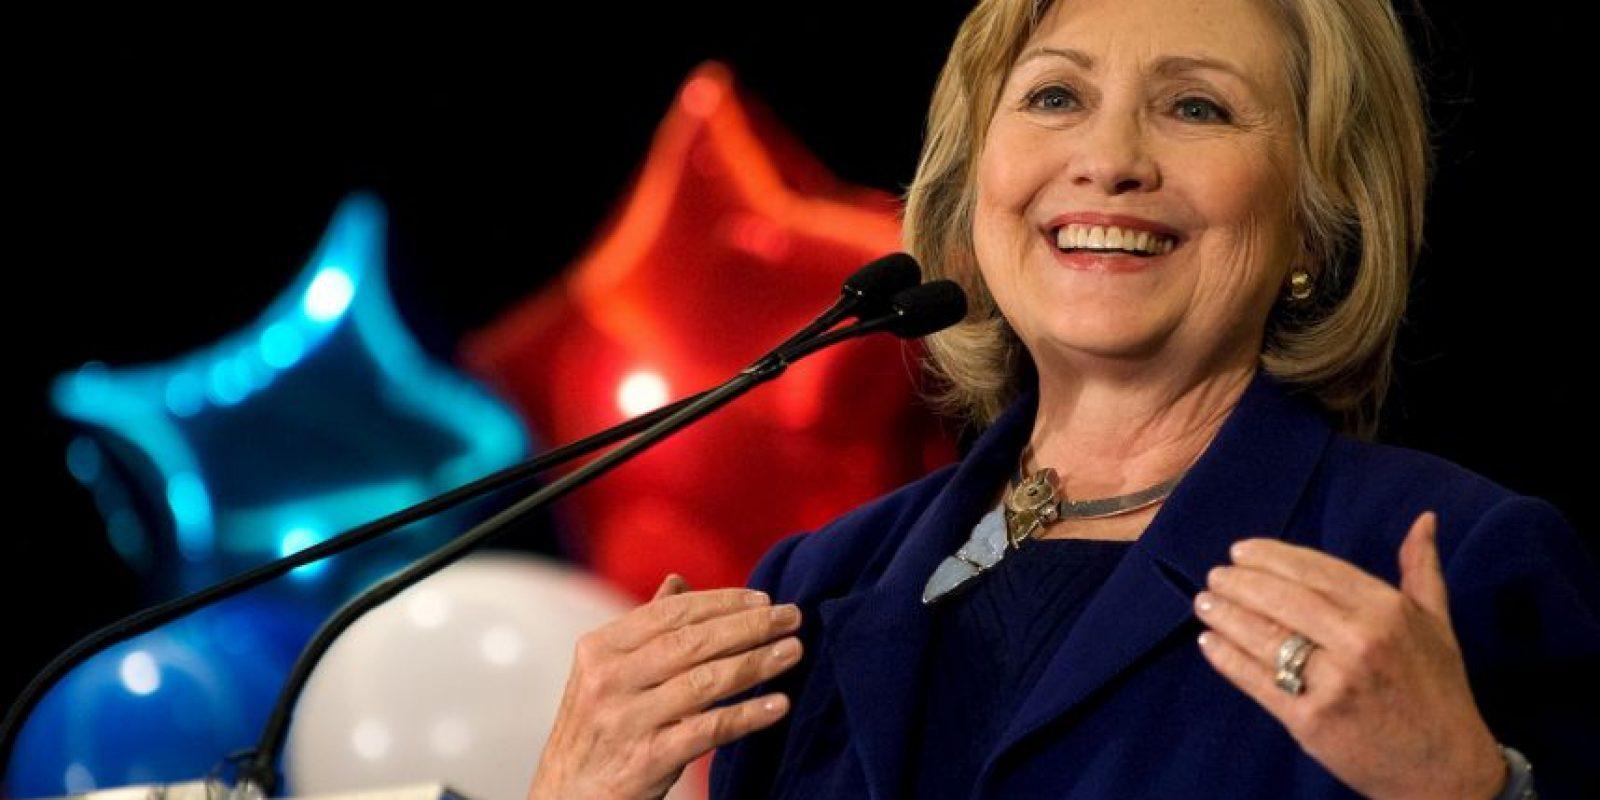 La pasada semana se reveló que en los 16 meses antes de anunciar su candidatura la mujer ganó 30 millones de dólares junto con su esposo Bill Clinton. Foto:Getty Images